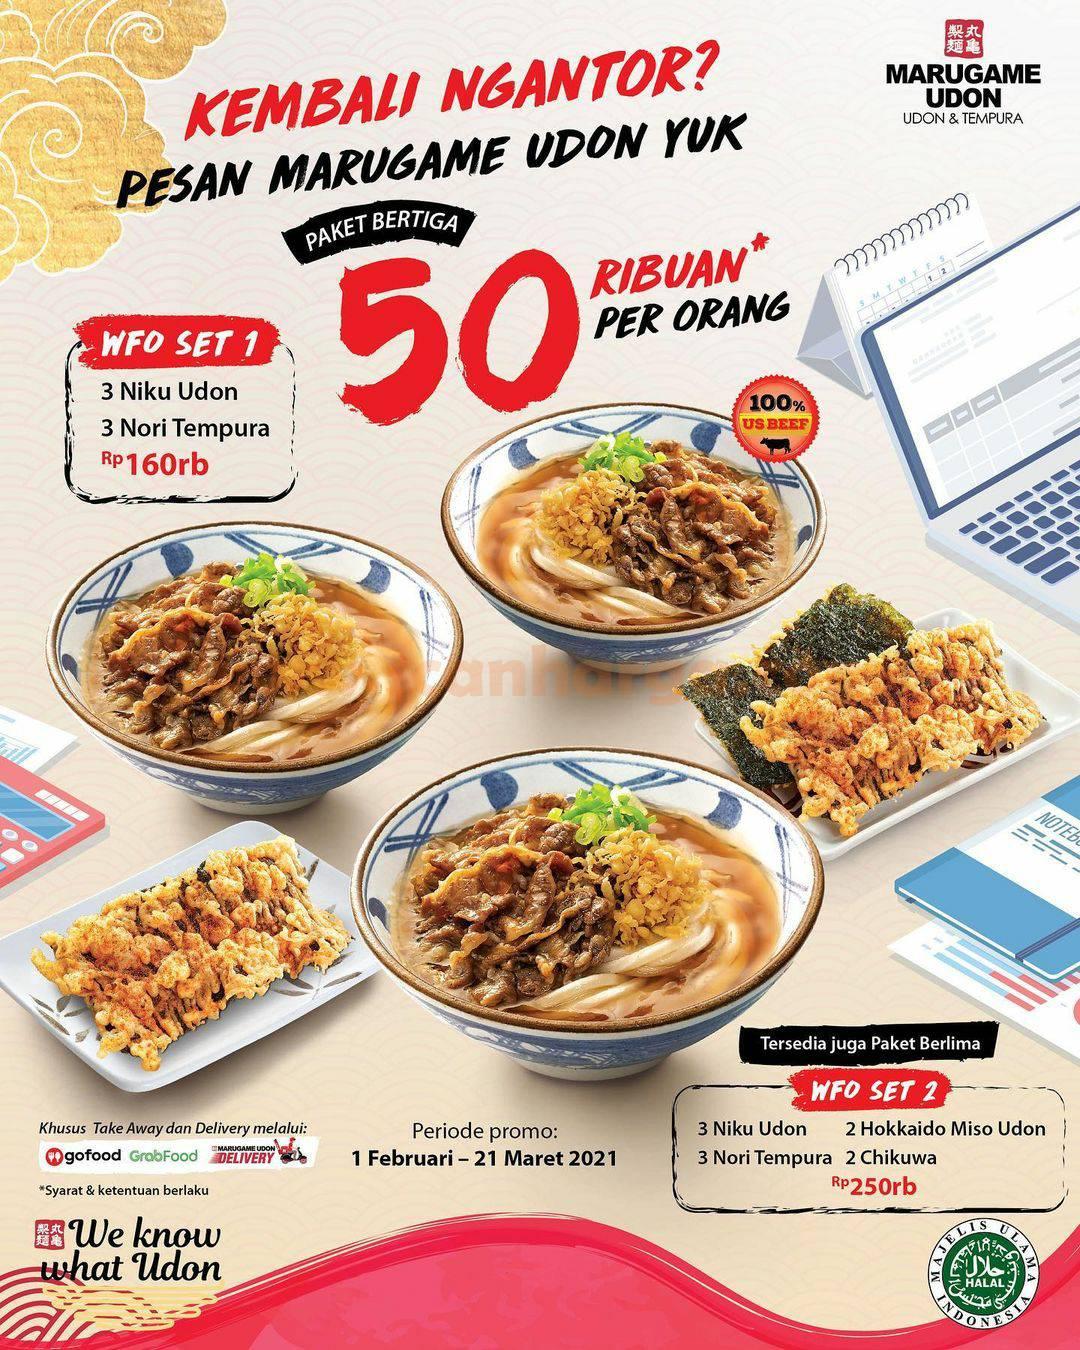 MARUGAME UDON Promo Paket WFO Set Harga Mulai Dari Rp 160.000